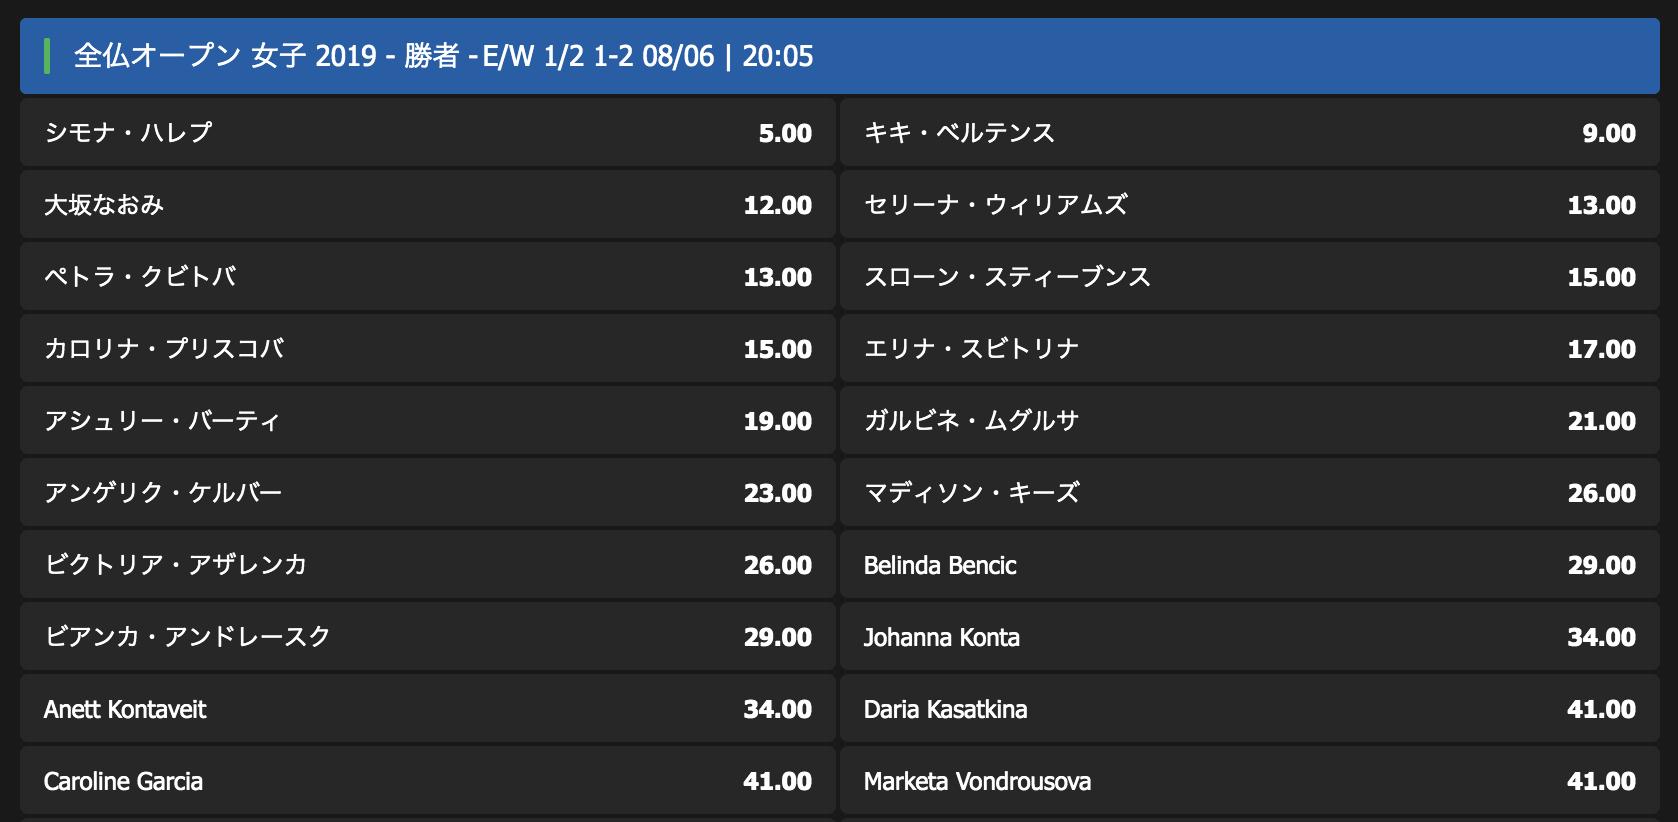 全仏オープン2019女子シングルスの優勝予想オッズ(5/25時点)